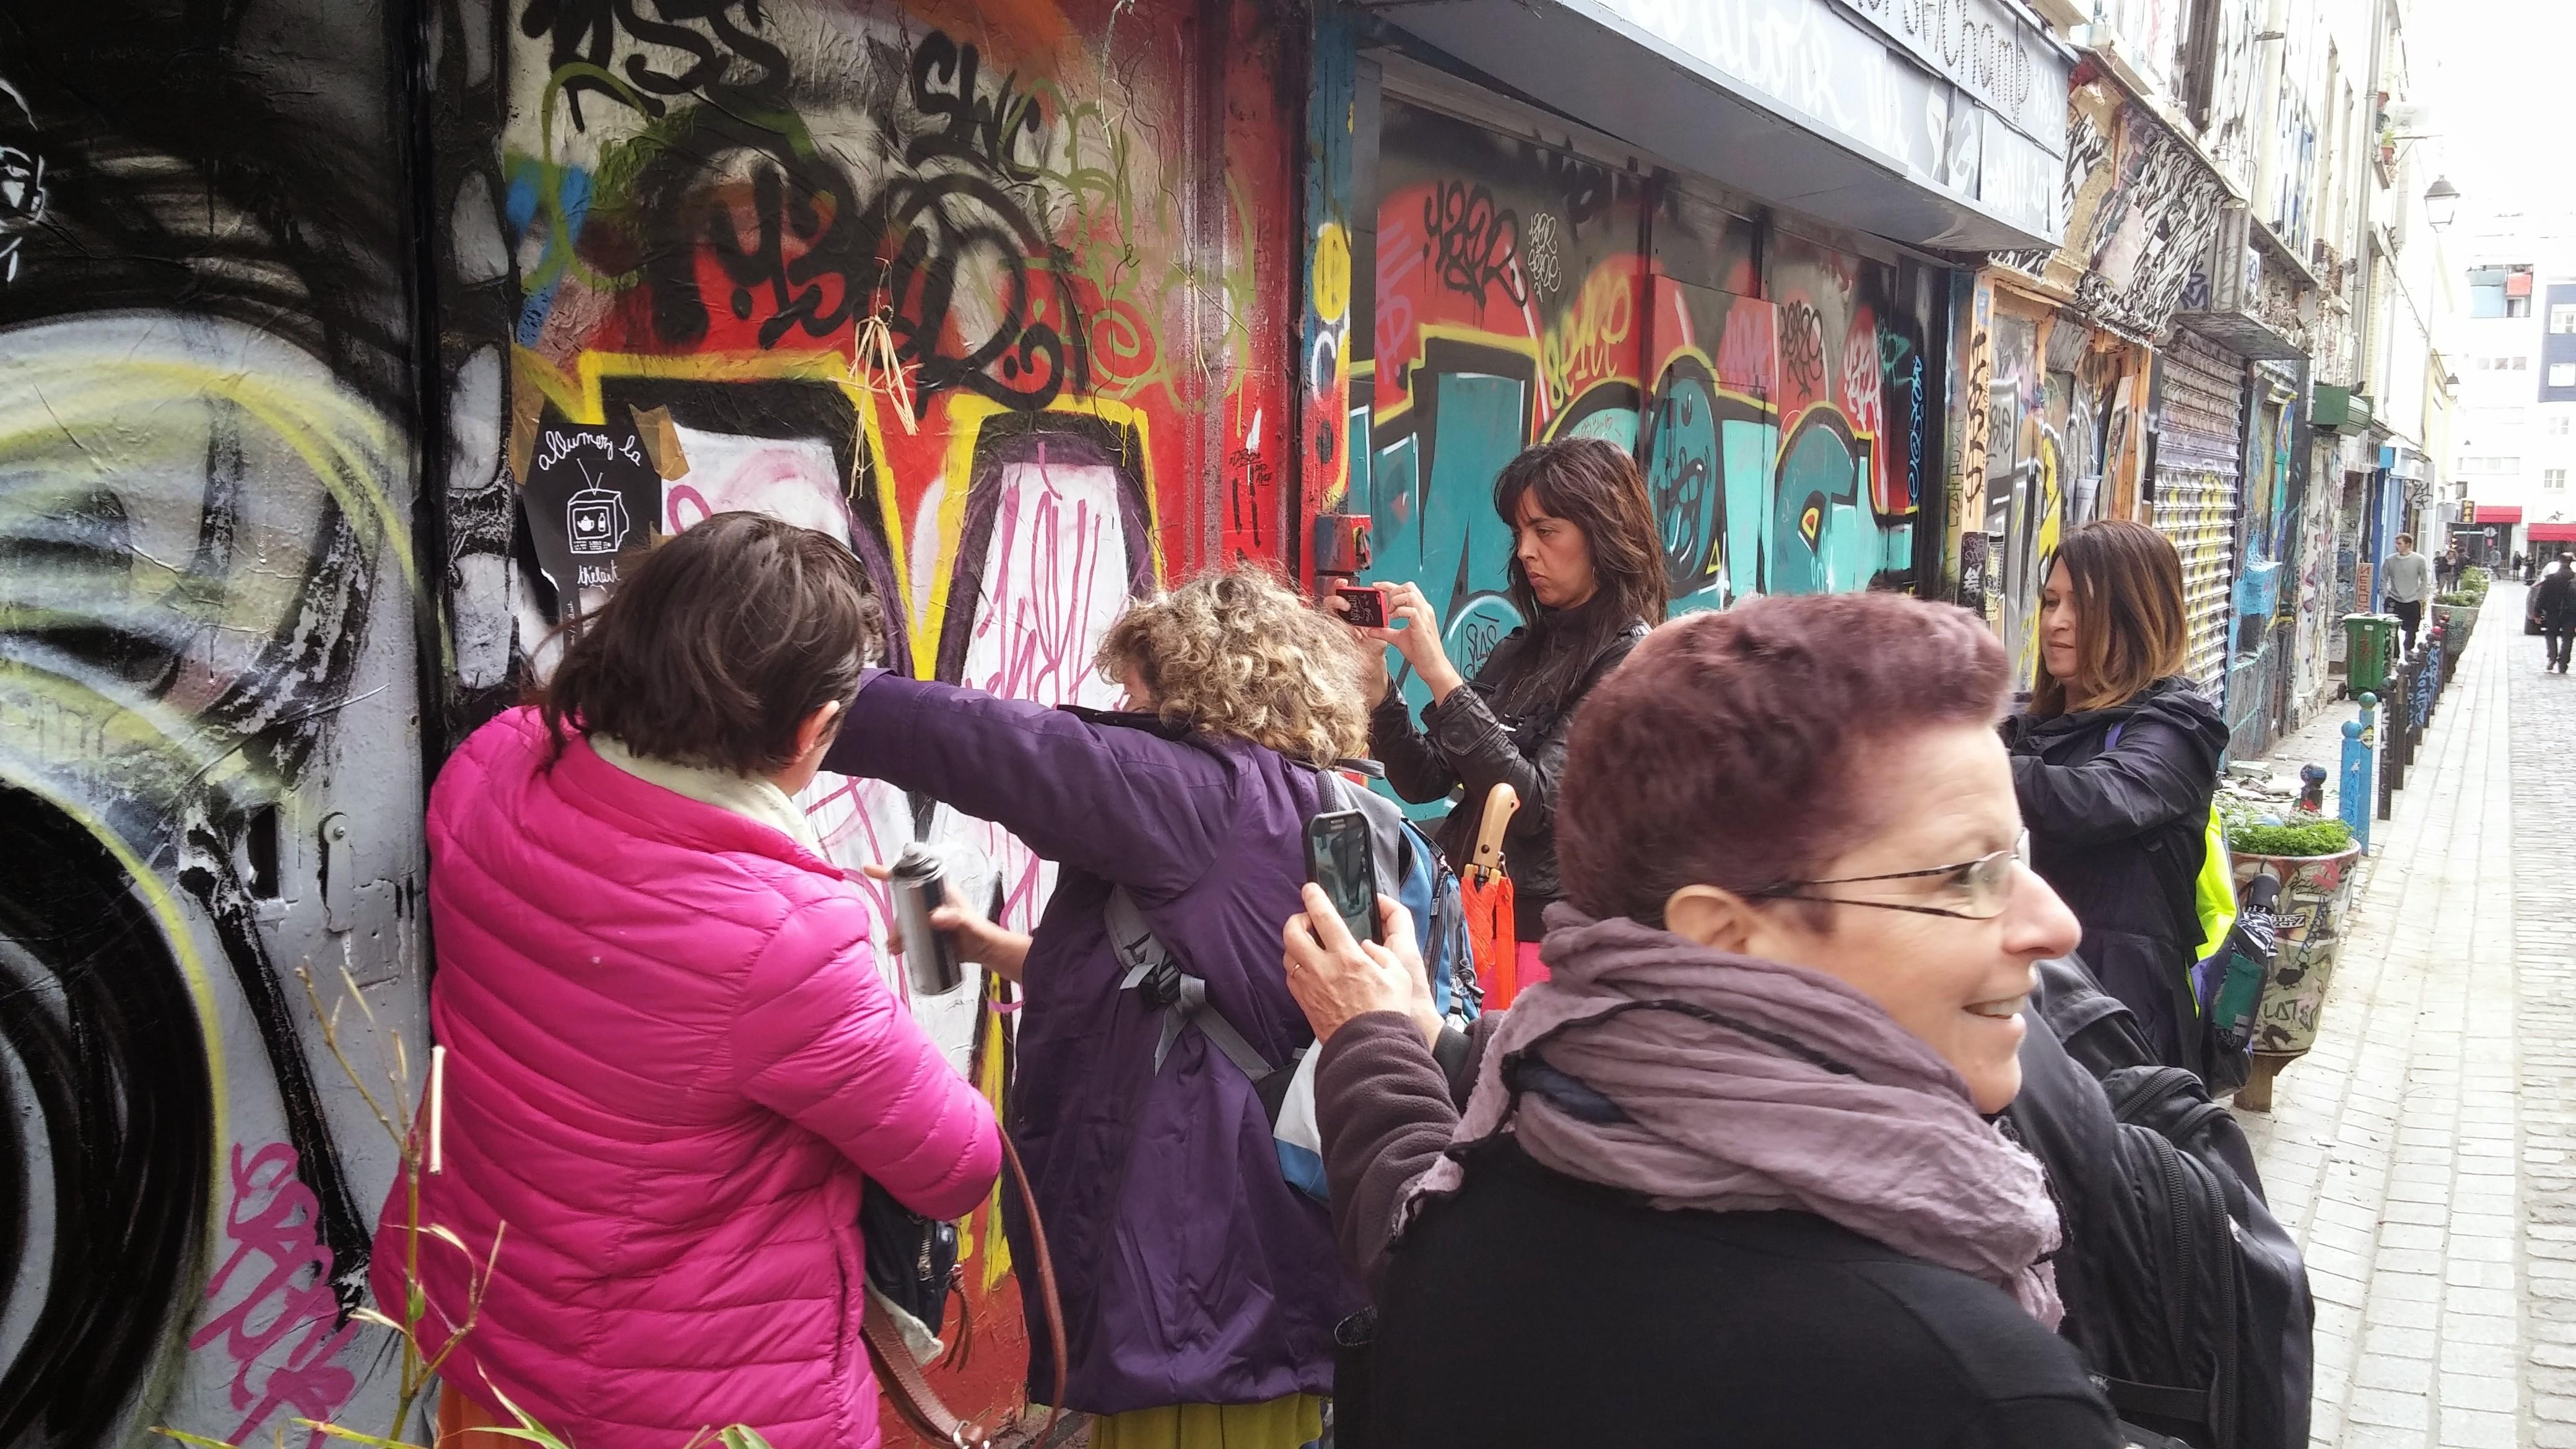 יוצרים יחד אמנות רחוב!